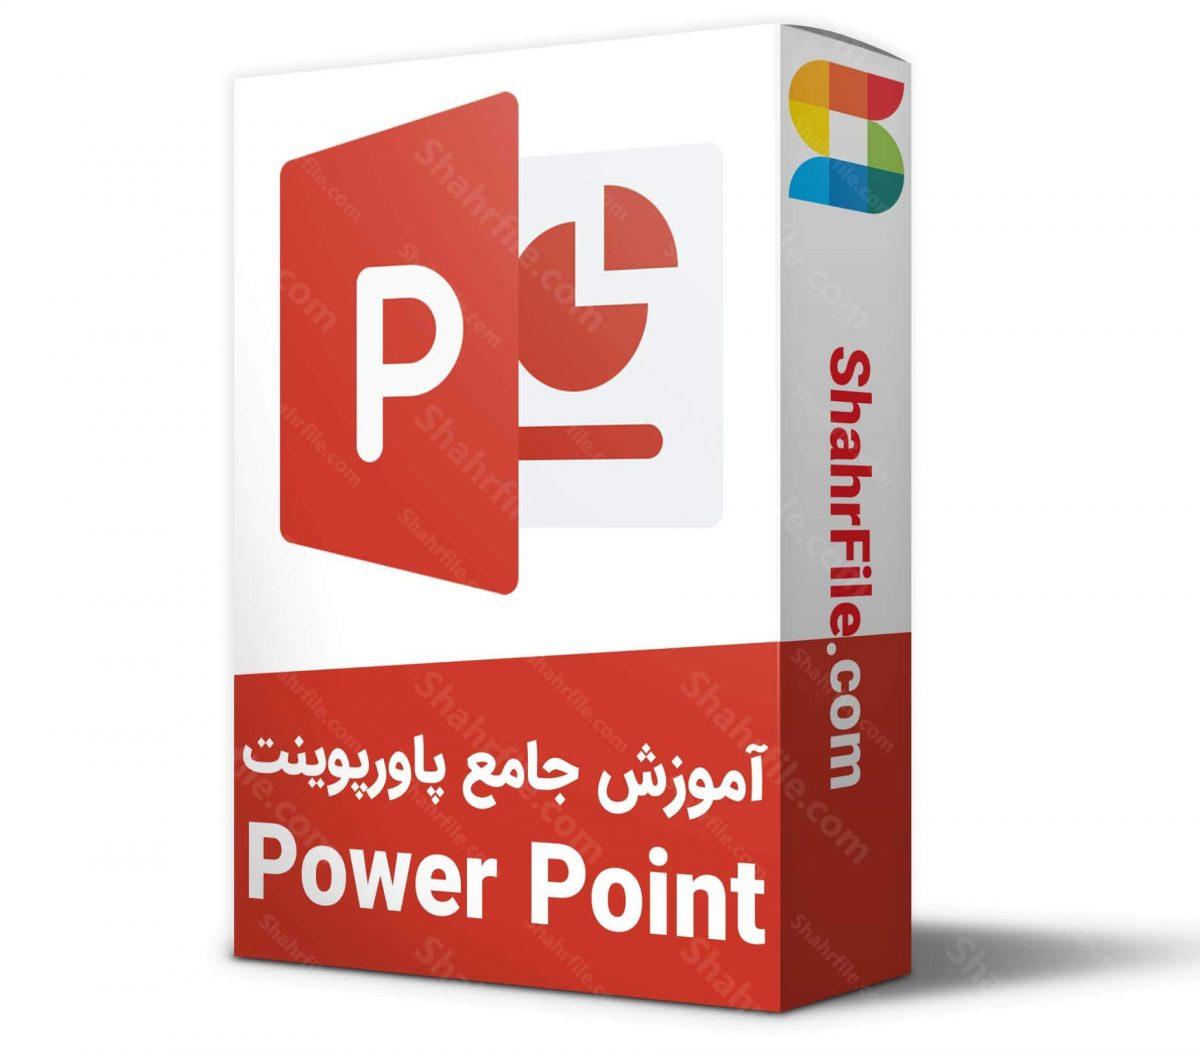 آموزش پاورپوینت آموزش آخرین نسخه Power Point